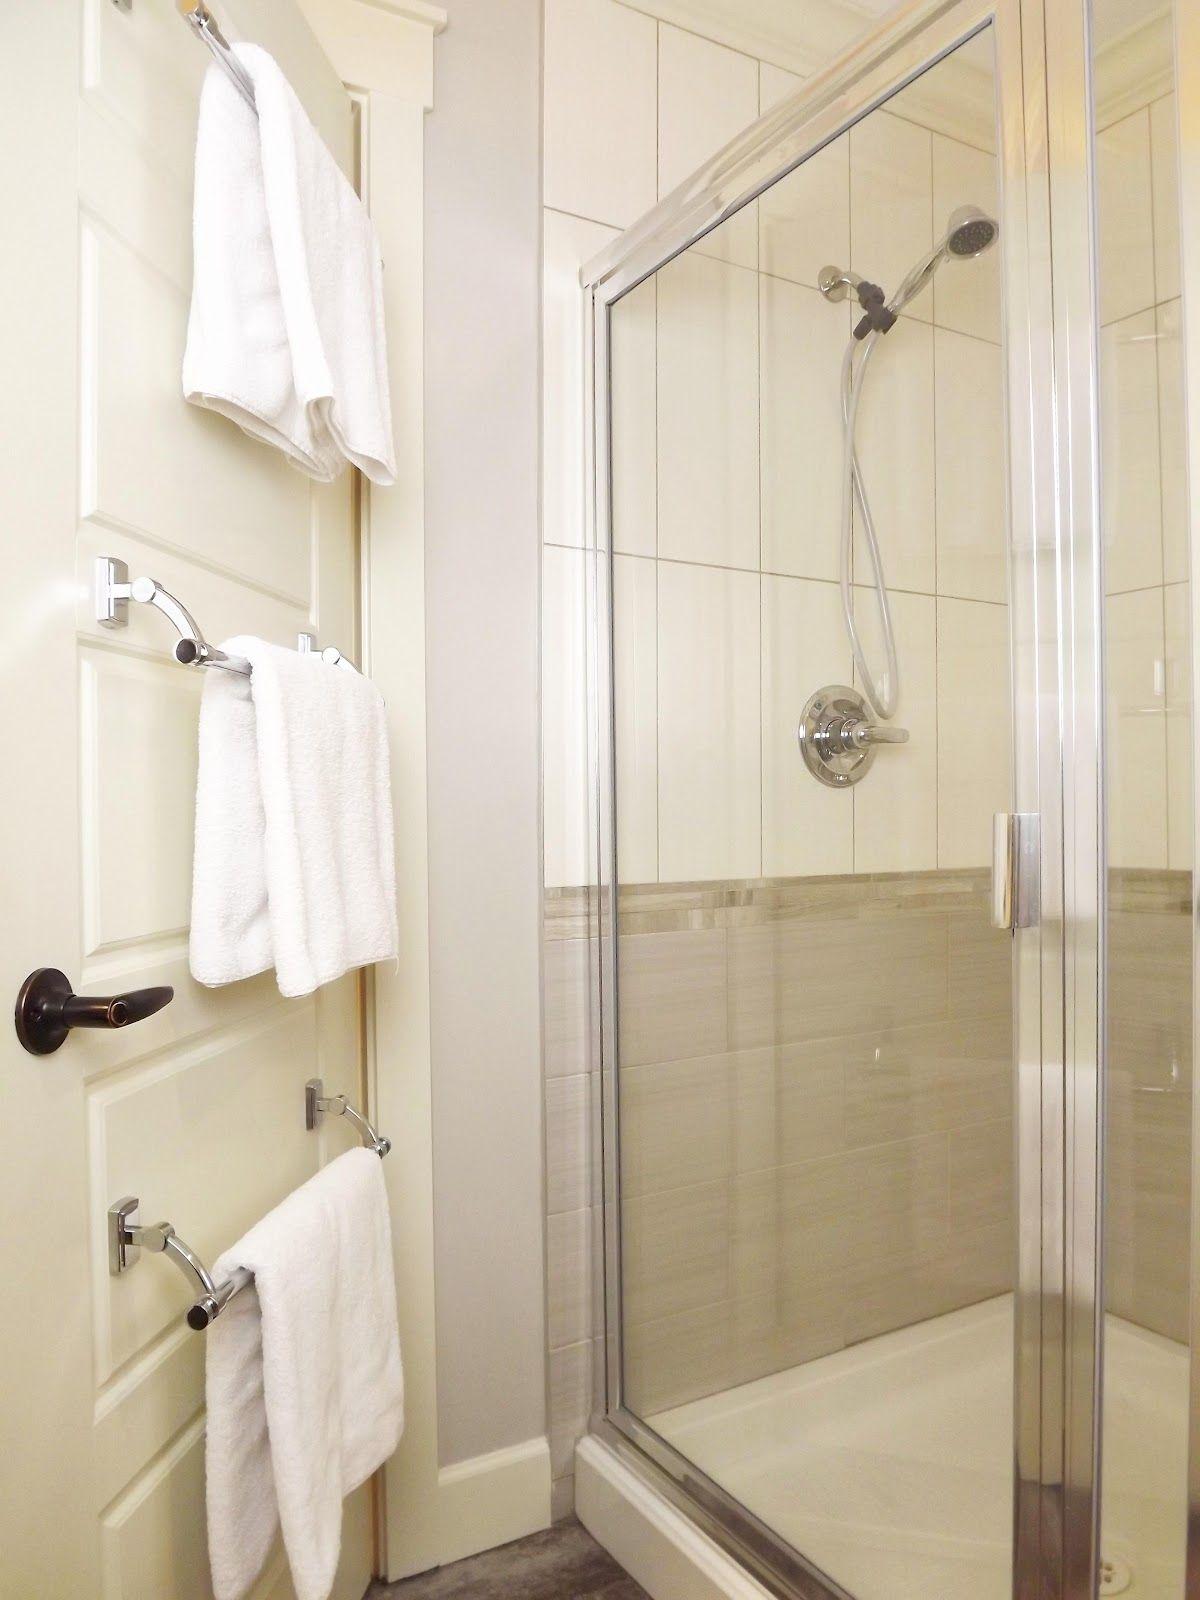 51+) Amazing Small Bathroom Storage Ideas for 2018   Small bathroom ...